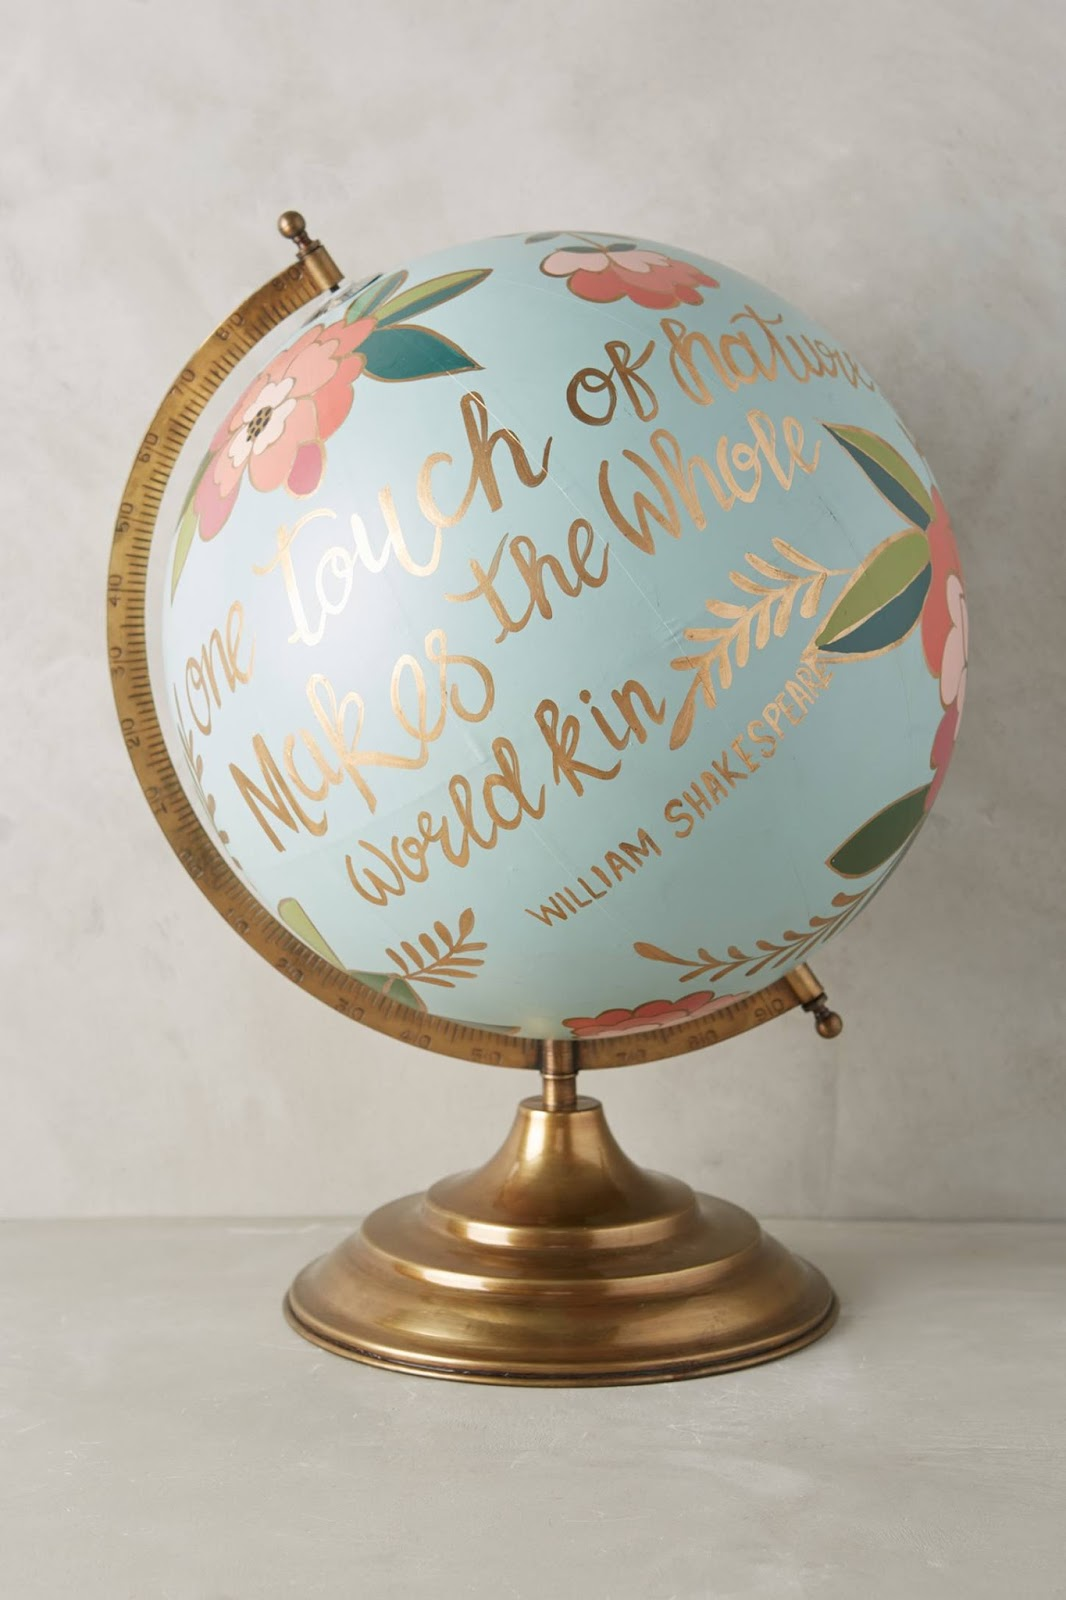 Decoracao com globo terrestre customizado com desenhos e frases - DIY